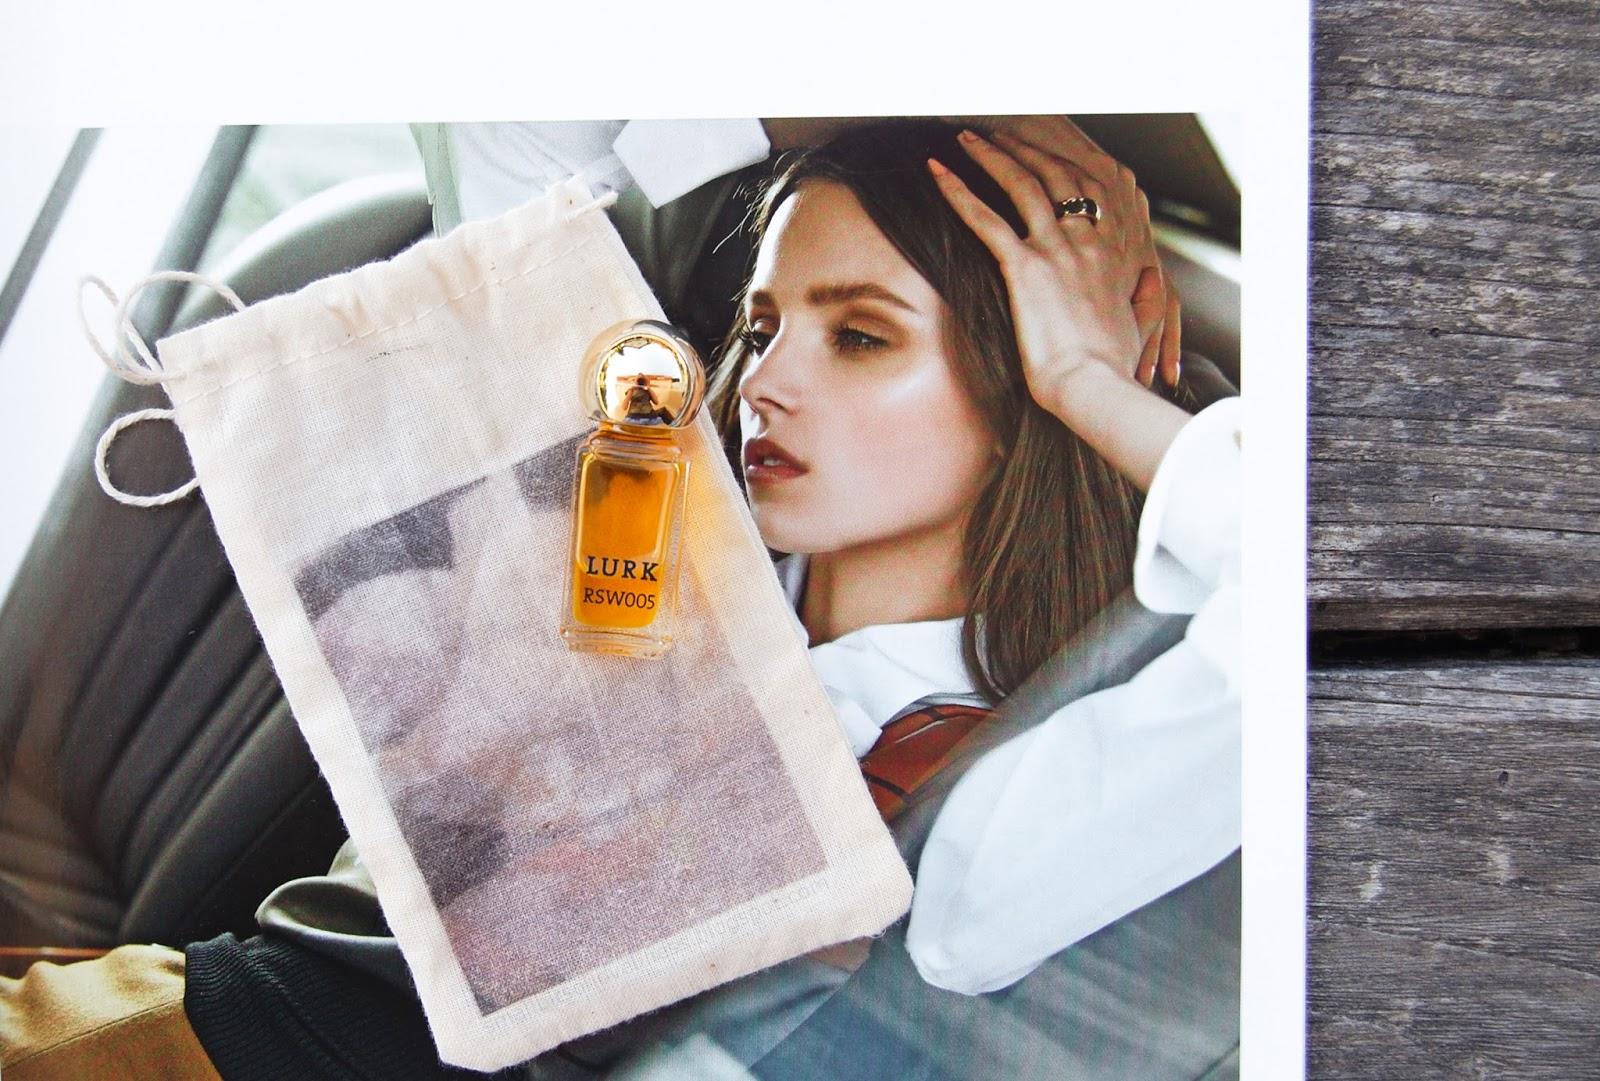 LURK Organic Perfume Oil RSW005